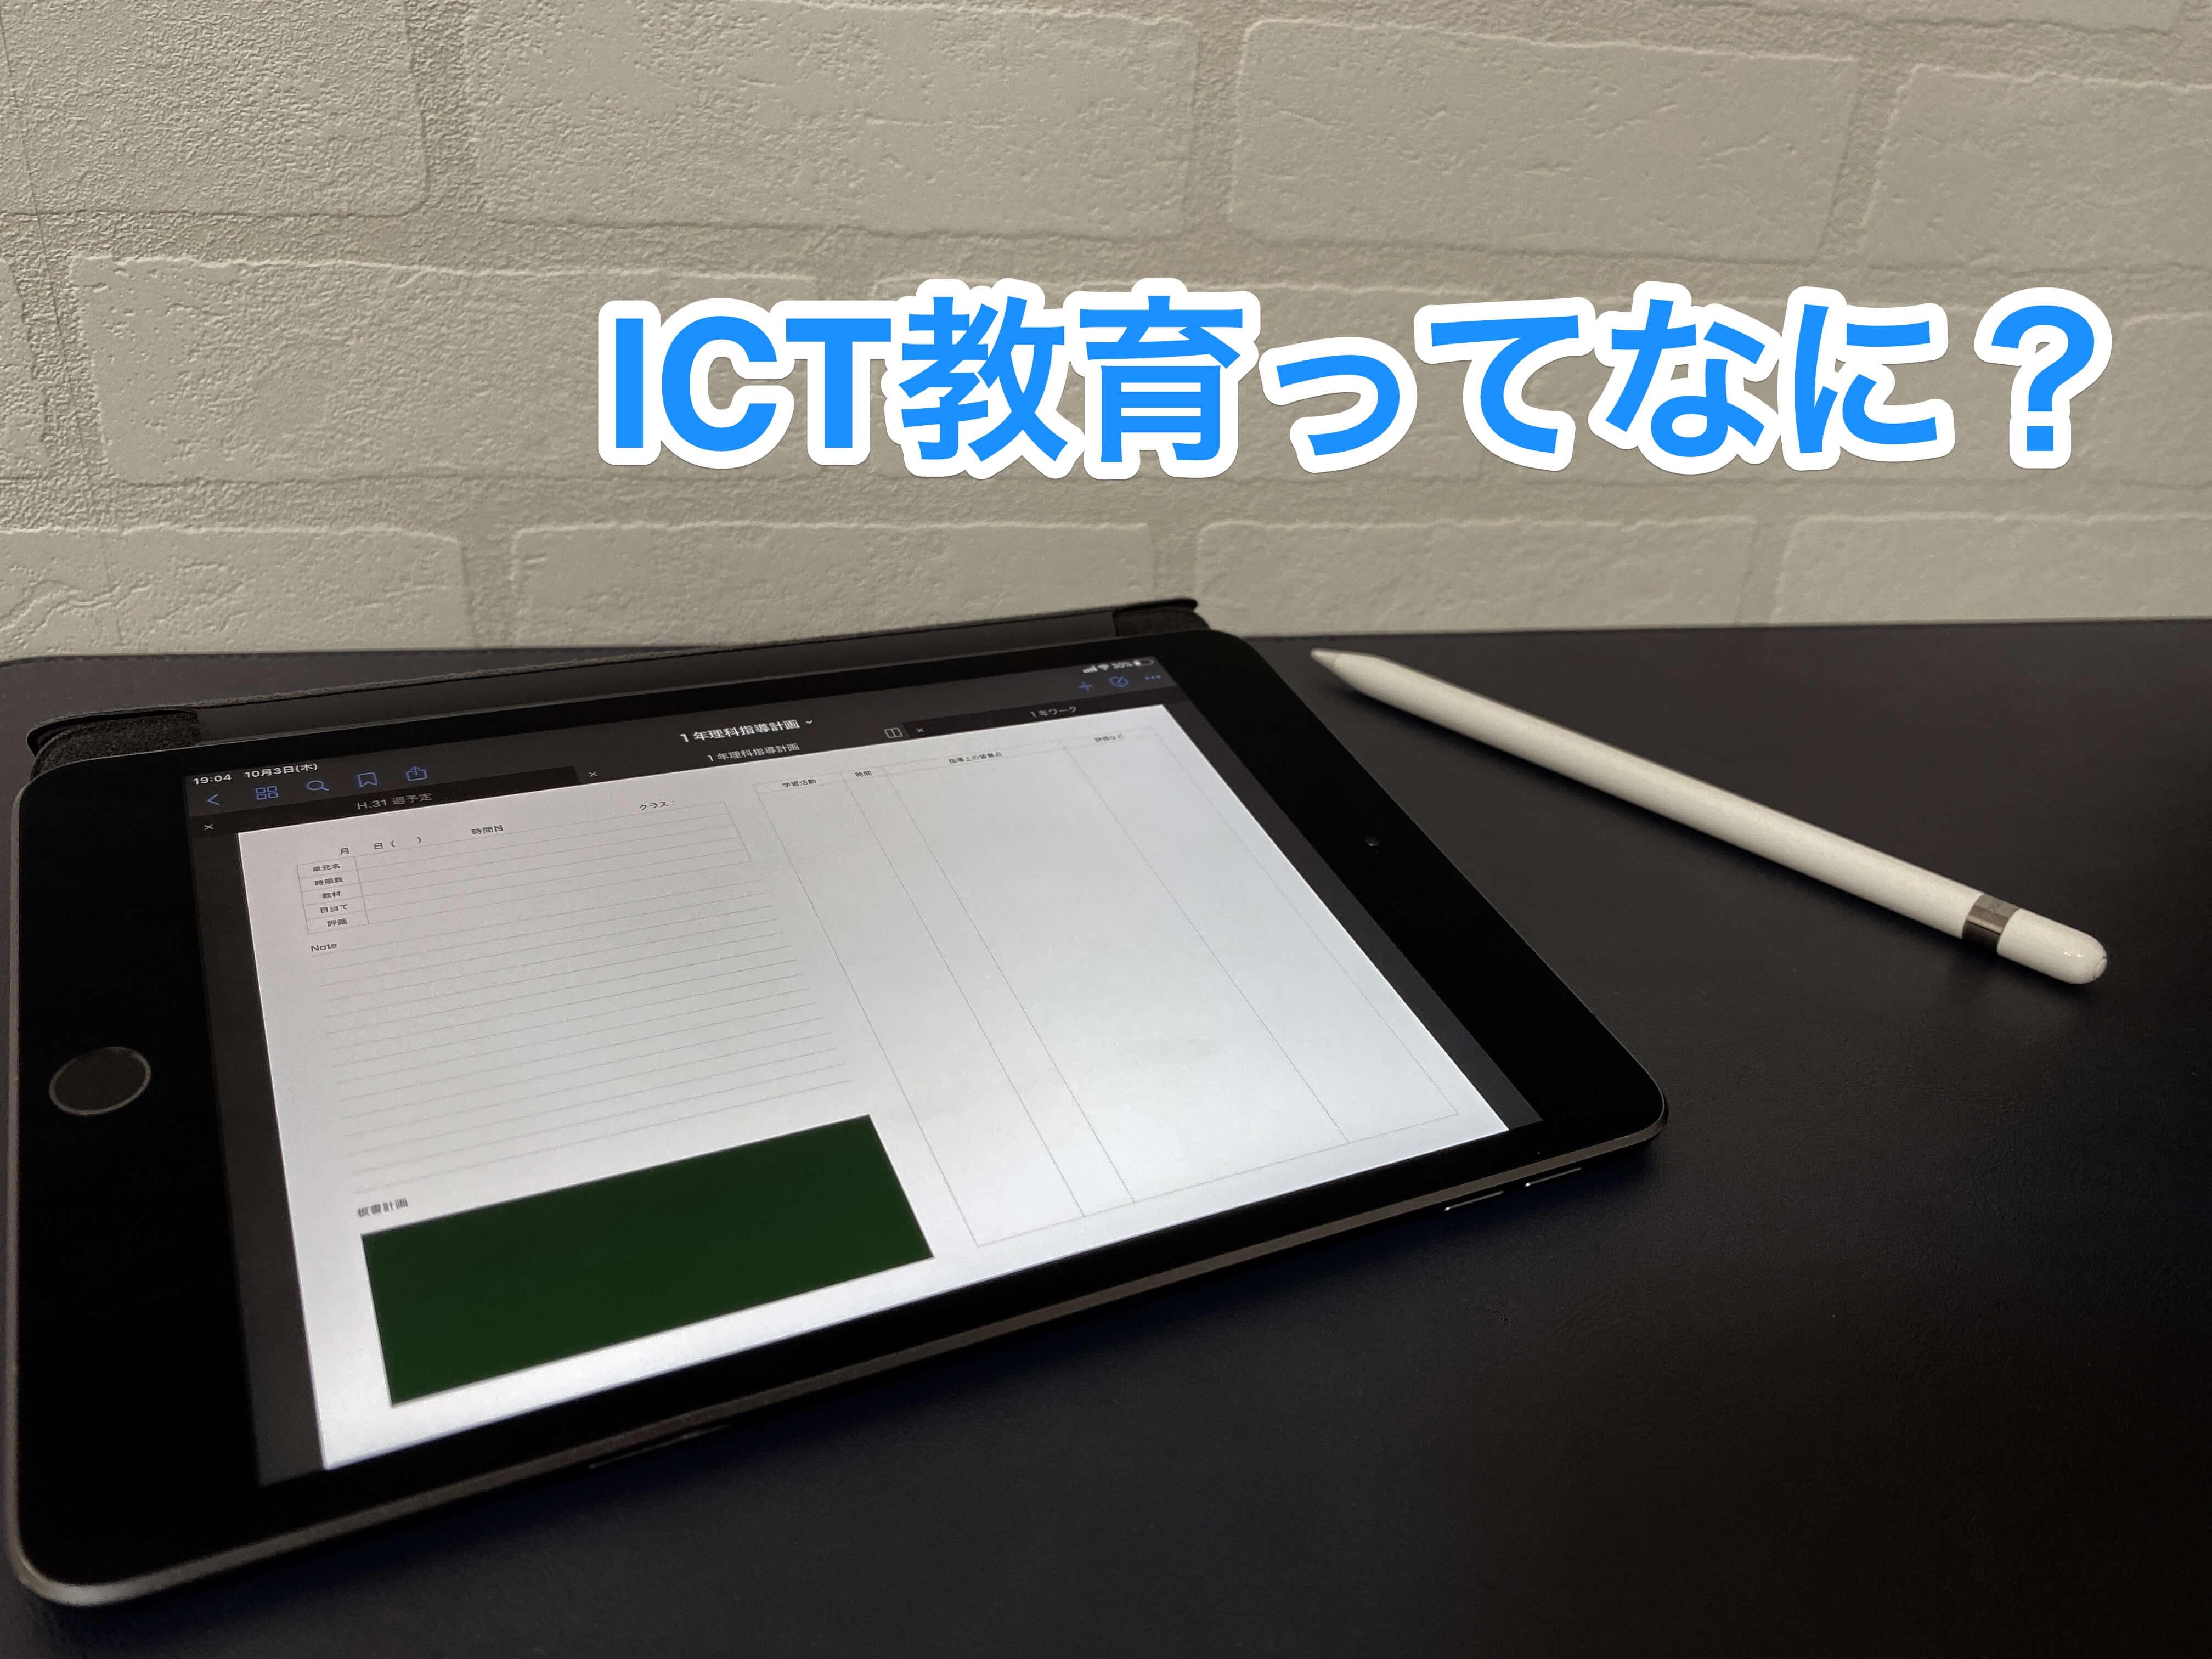 ICT教育とは?